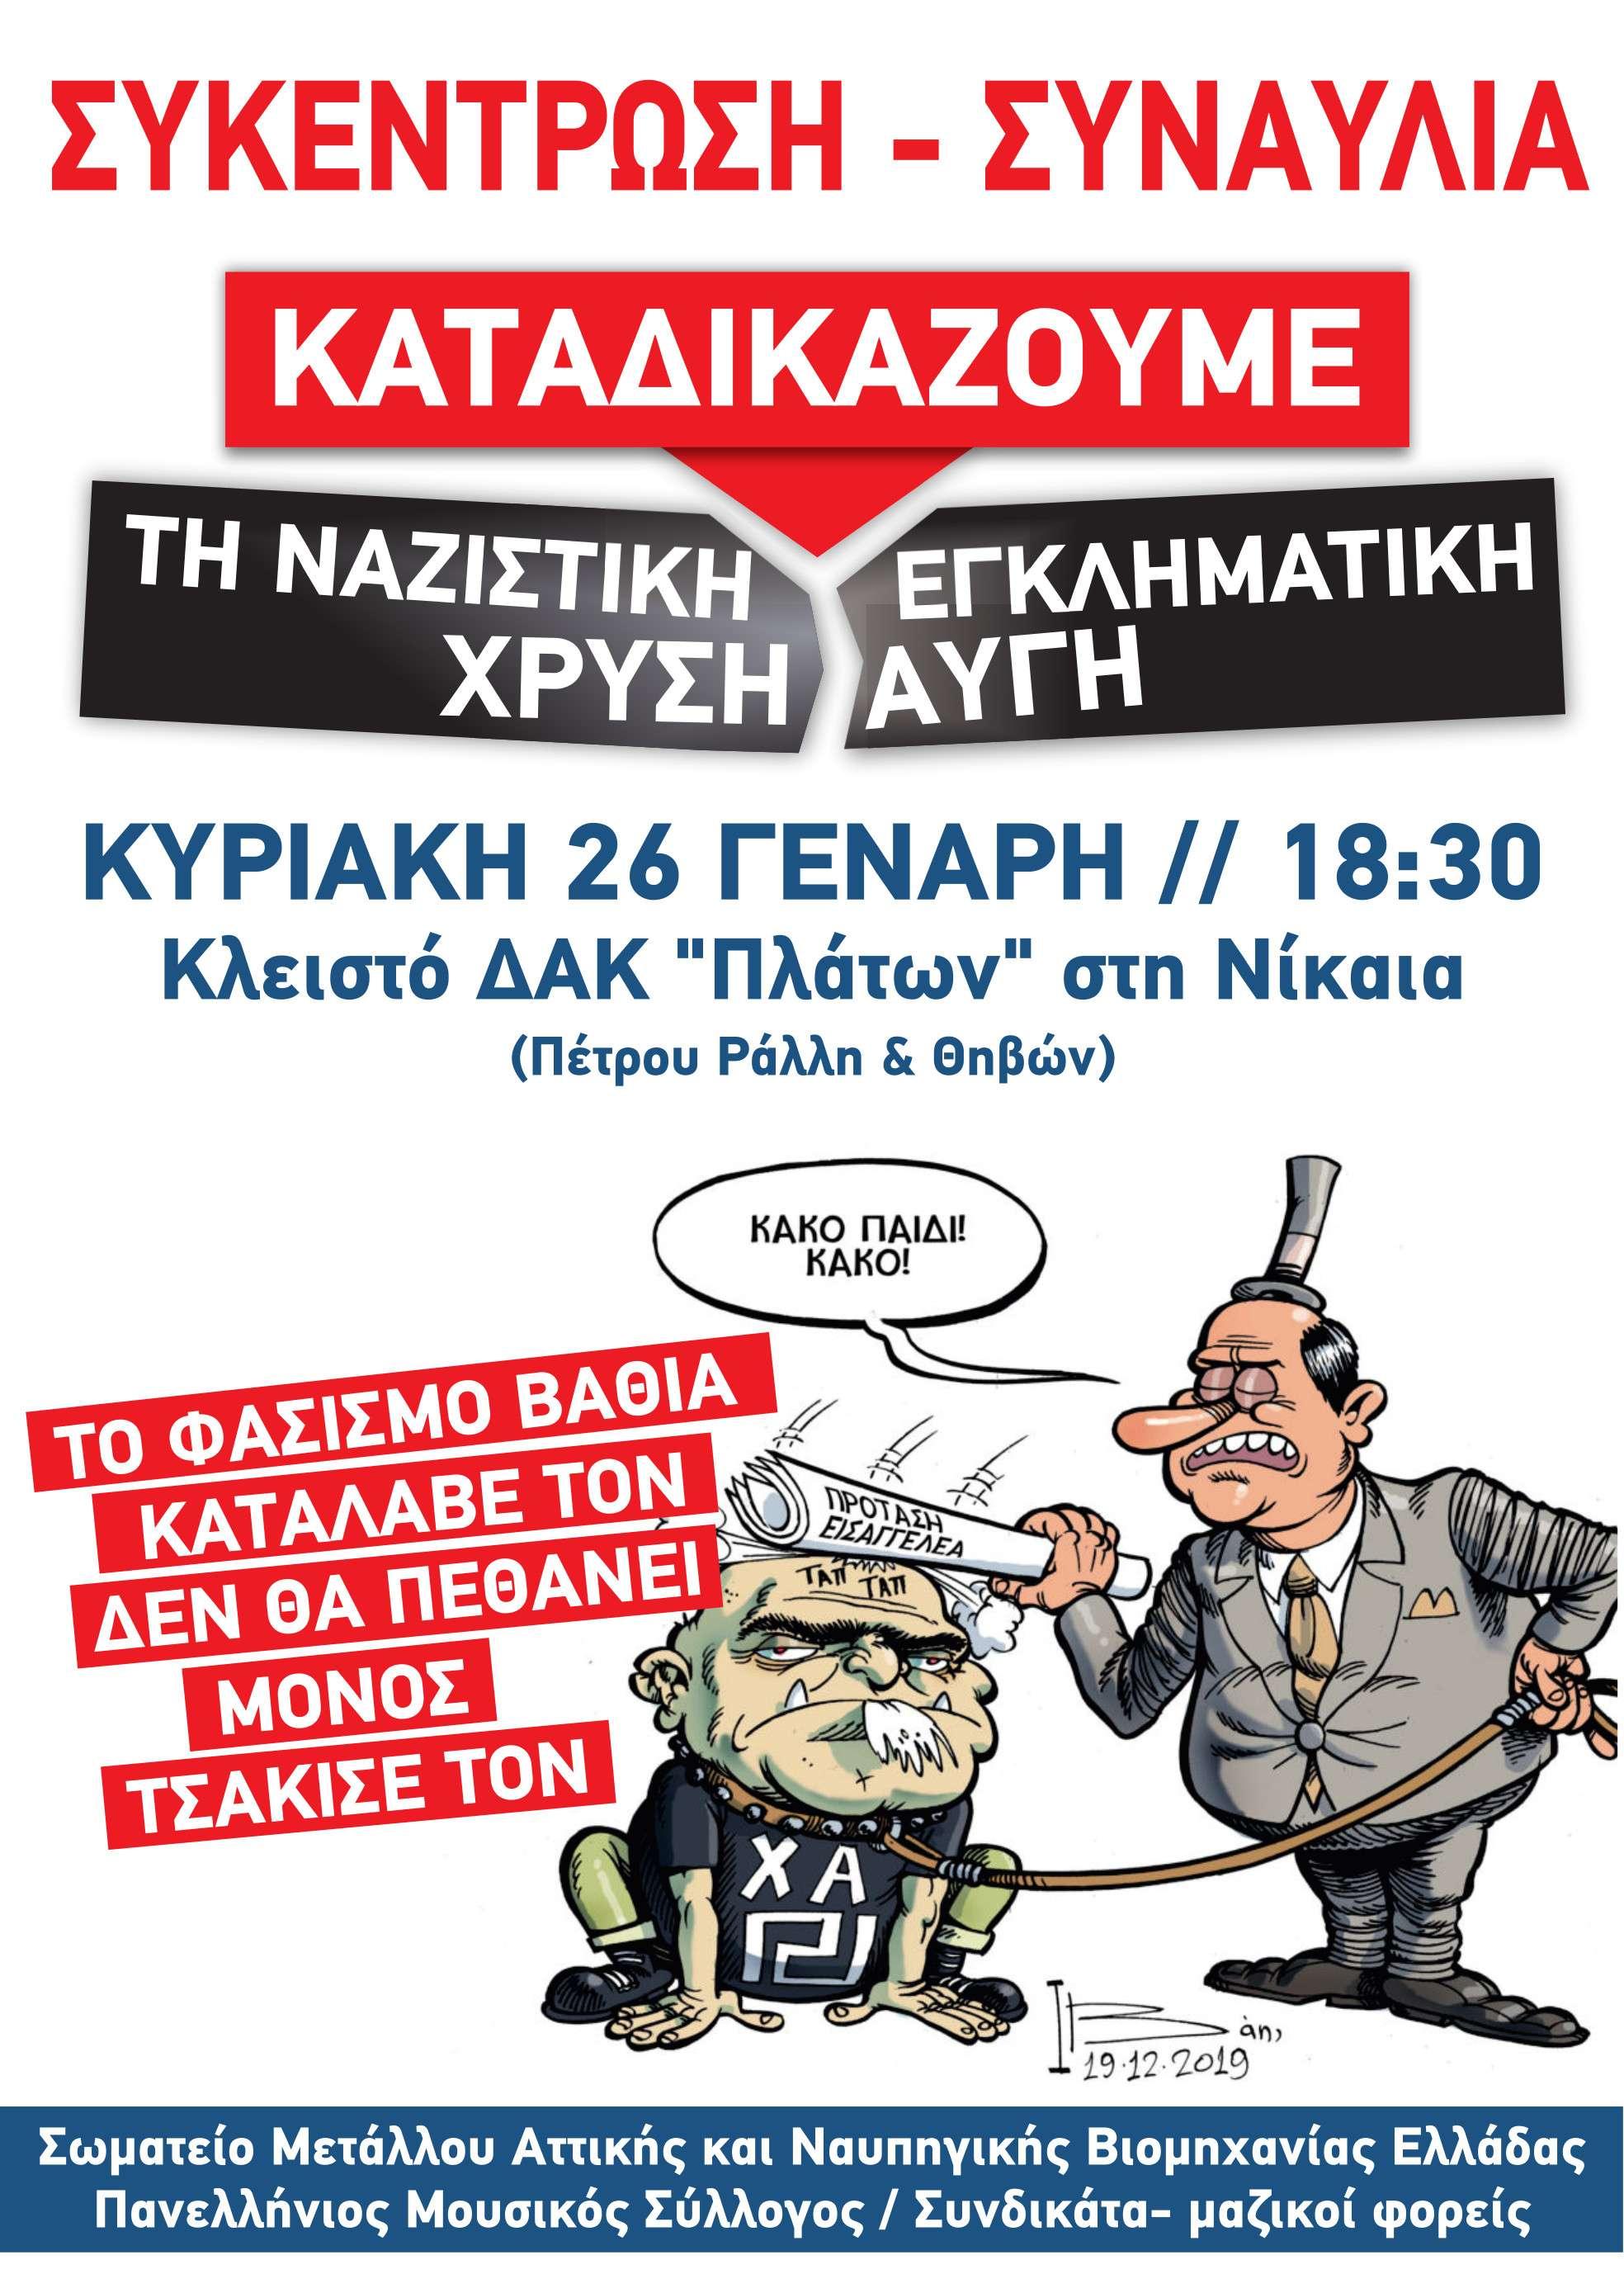 26 Γενάρη η συναυλία παρέμβαση για την καταδίκη της Χρυσής Αυγής αφίσα 1